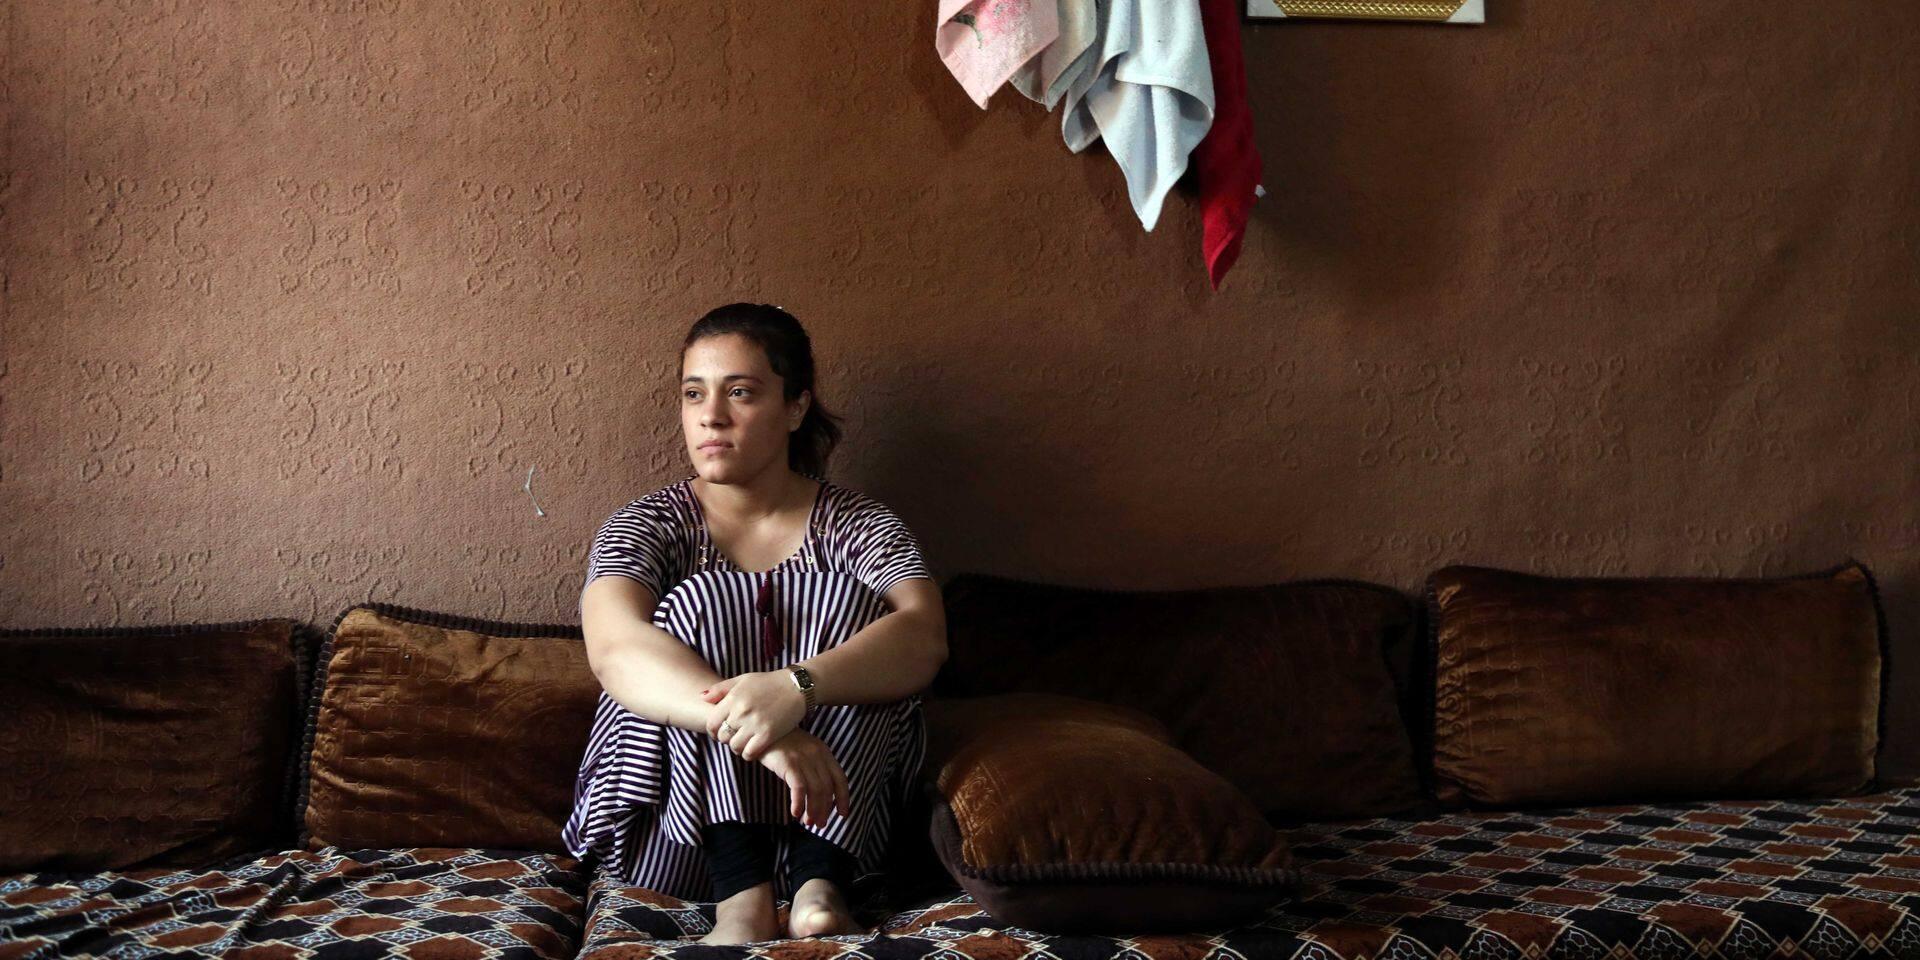 Abandonner leurs enfants pour rentrer en Irak, le crève-coeur des Yazidies